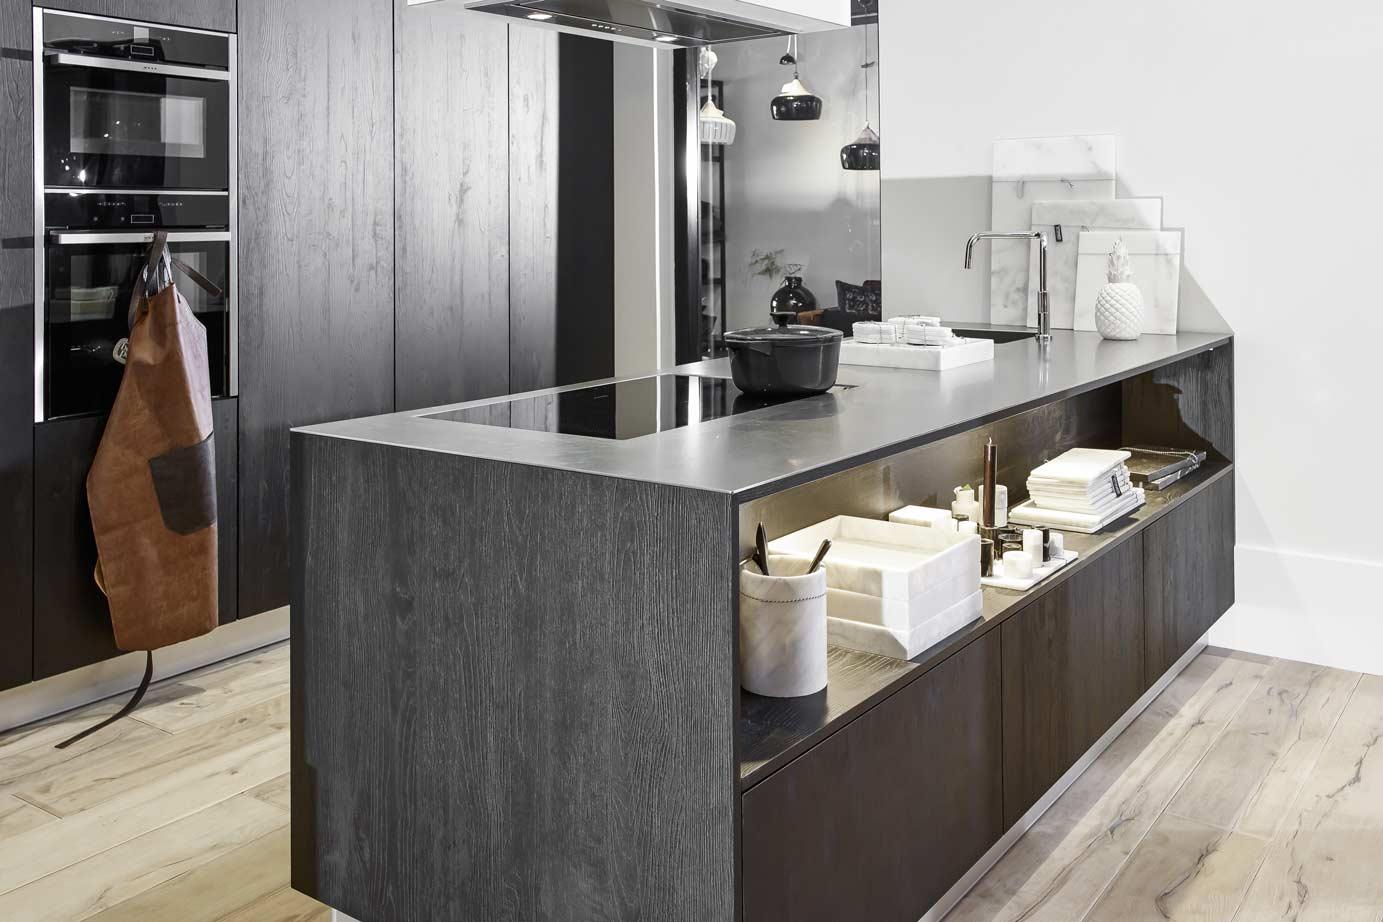 Keuken Zwart Stoere : Stoer en stijlvol met zwart u desingem